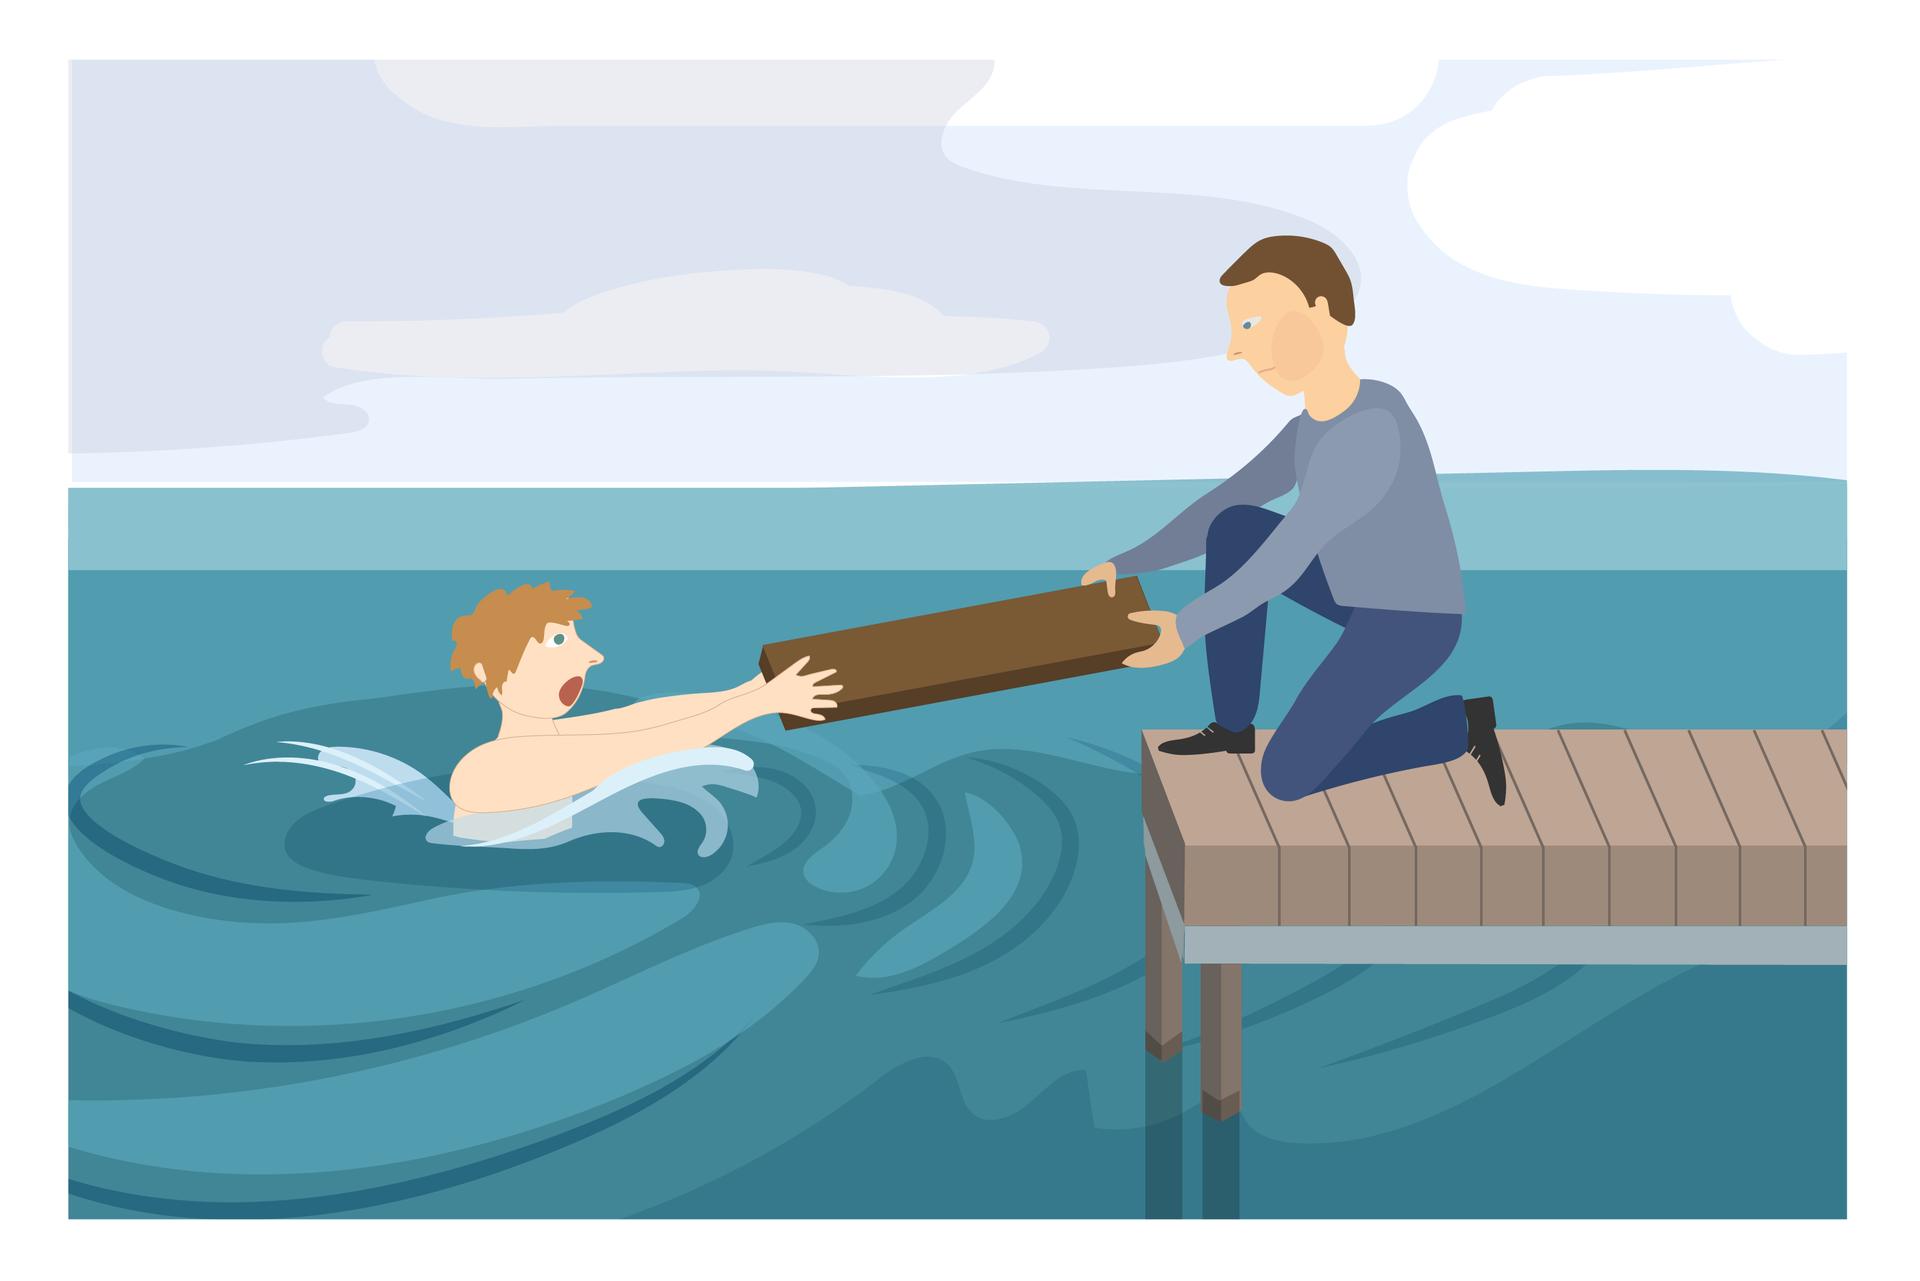 Ilustracja 2. Mężczyzna na pomoście klęczy skierowany wstronę osoby tonącej. Mężczyzna trzyma jeden koniec deski. Drugi koniec deski chwyta osoba tonąca. Tonący trzyma koniec deski obiema rękami. Instrukcja: sięgnij do niego jakimś przedmiotem (deską, kijem lub elementem ubioru).